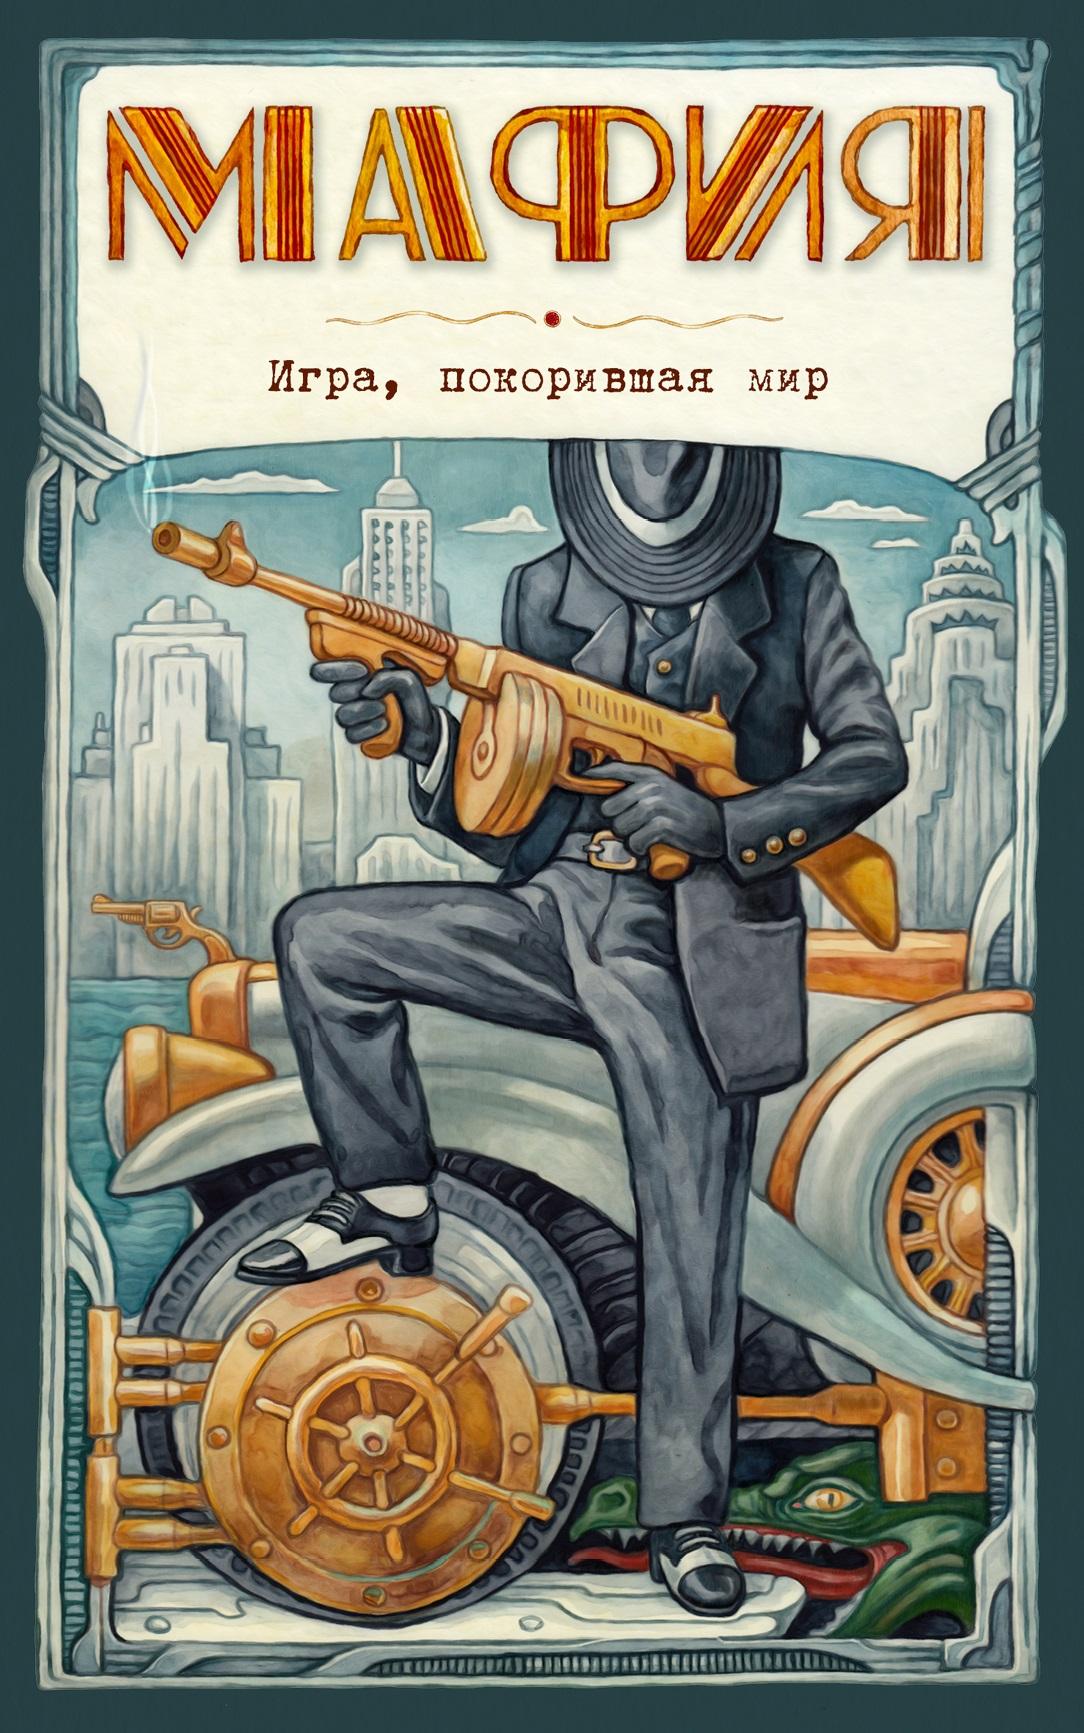 Настольная игра Мафия + КнигаПредставляем вашему вниманию настольную игру Мафия + Книга, новое оформление игры Мафия, покорившей мир! Эксклюзивные авторские иллюстрации!<br>